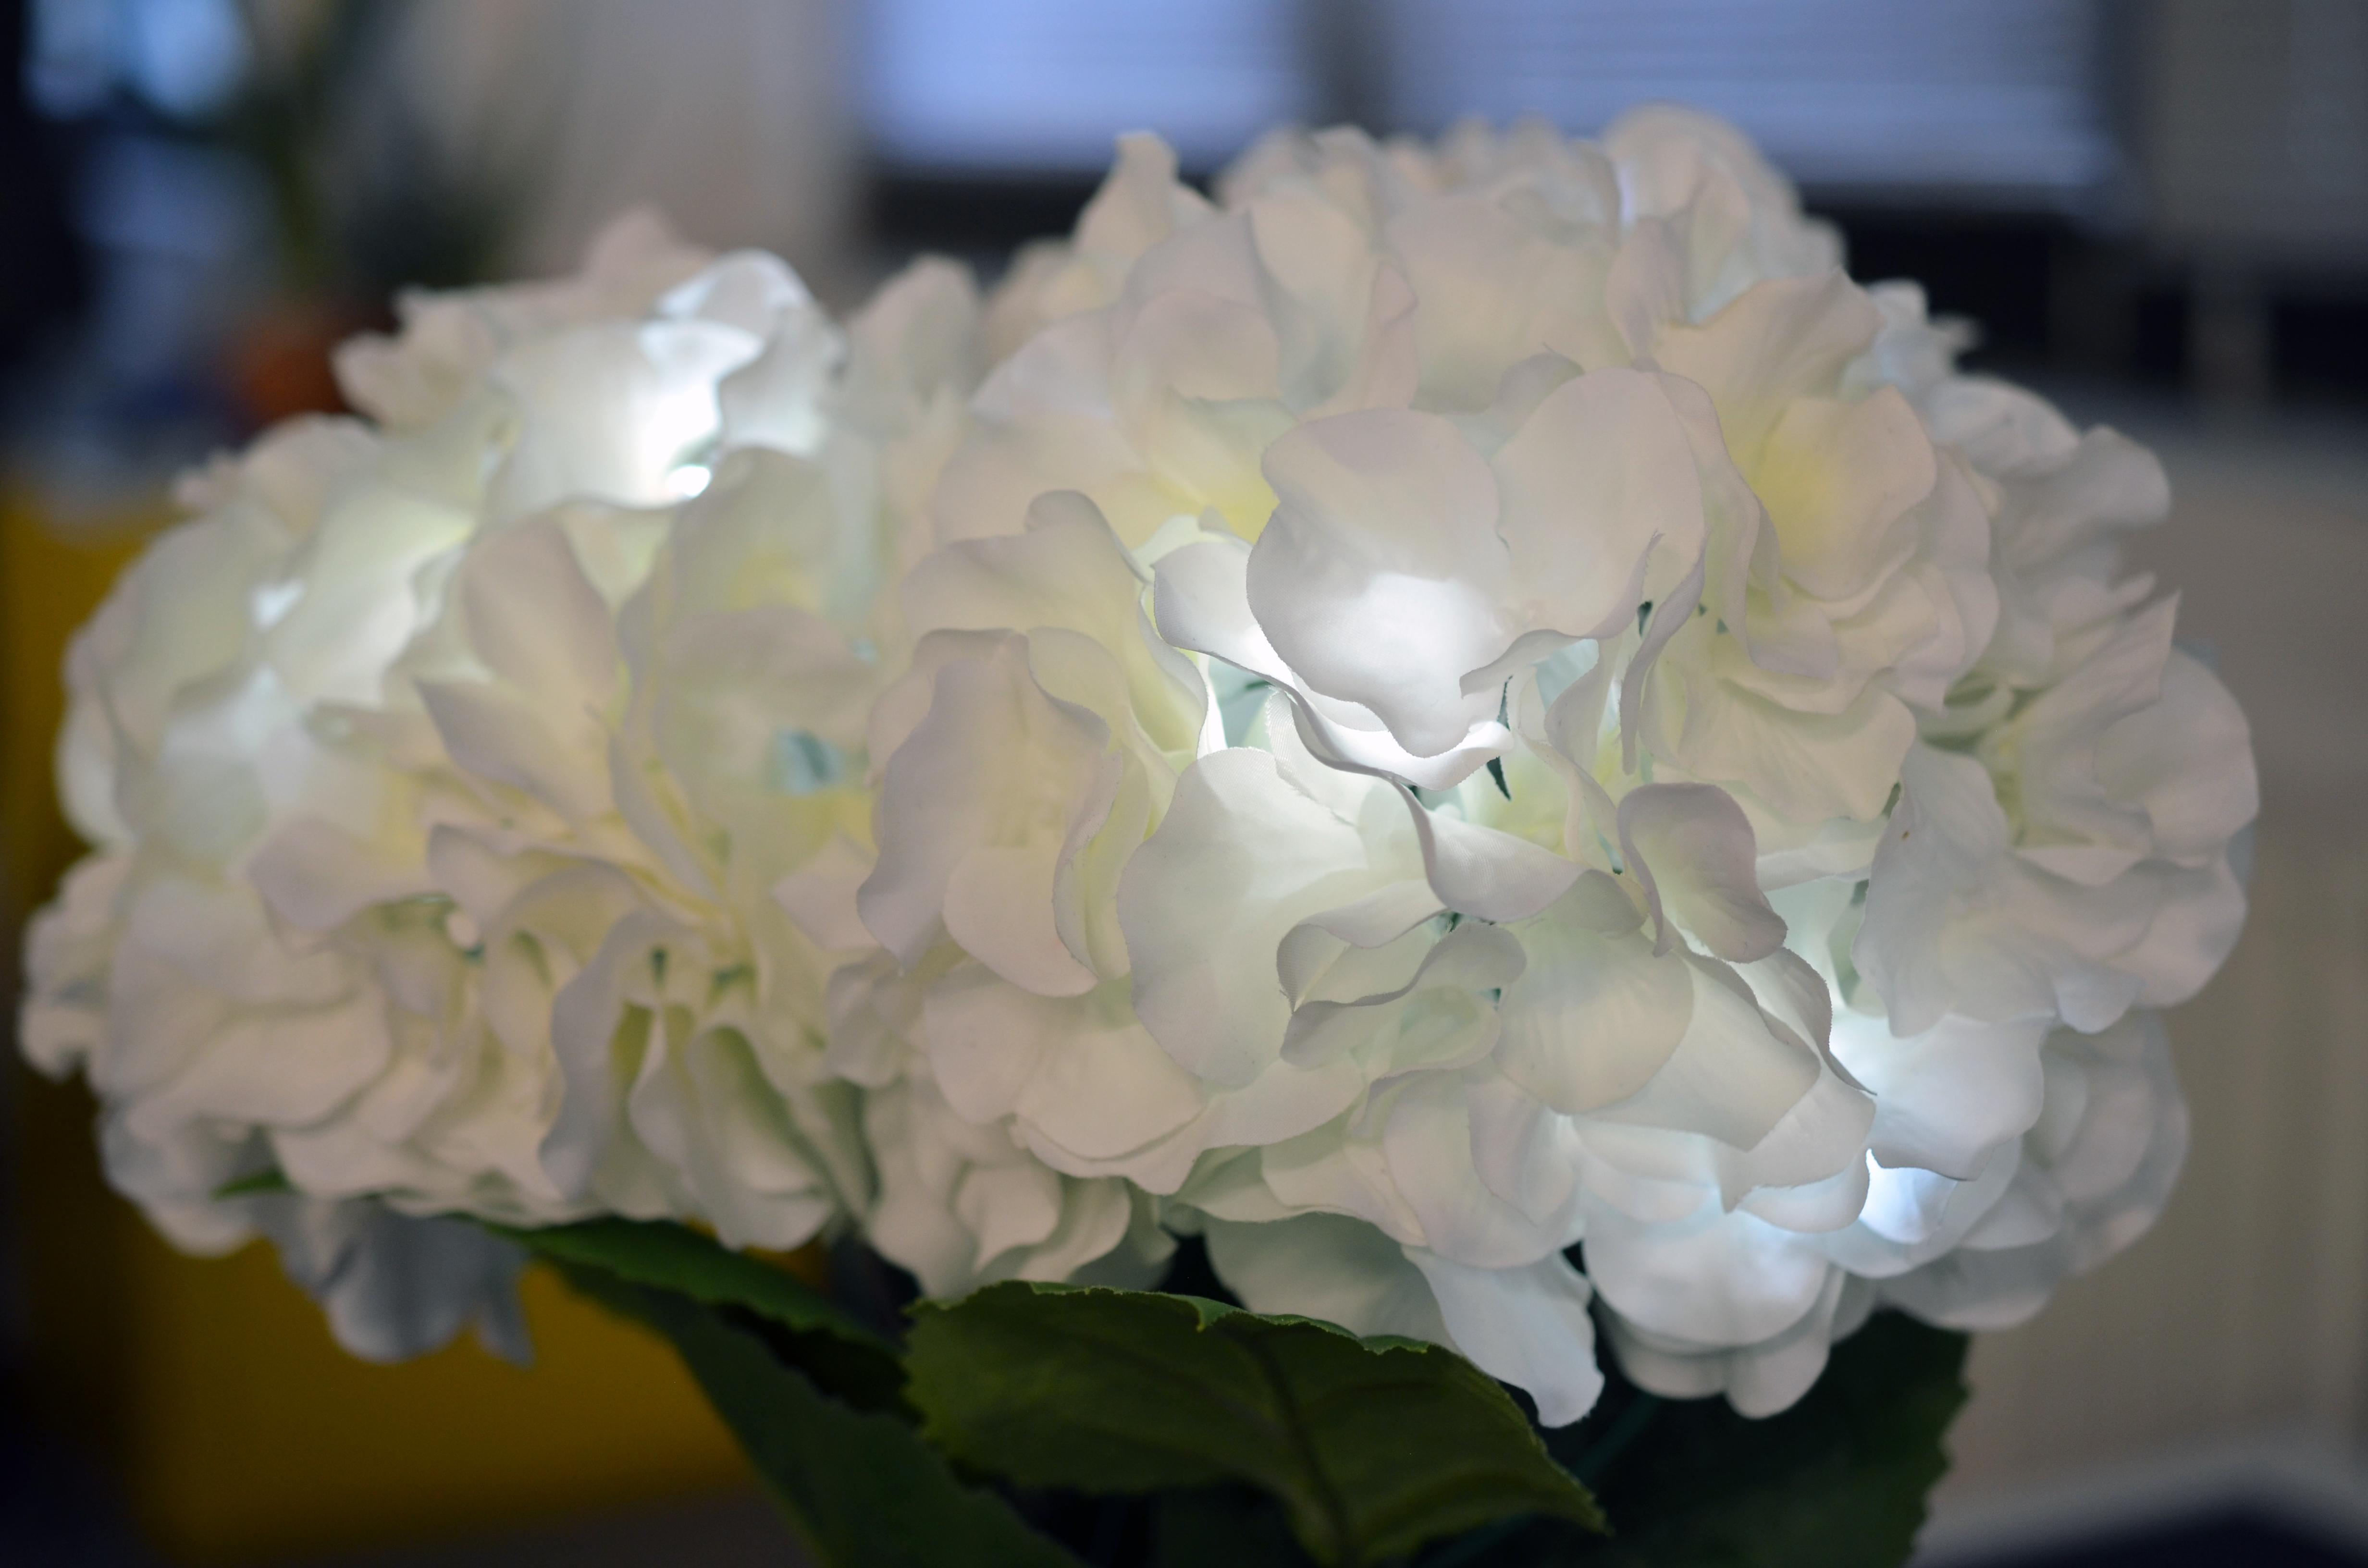 leds_led-flowers-11.jpg